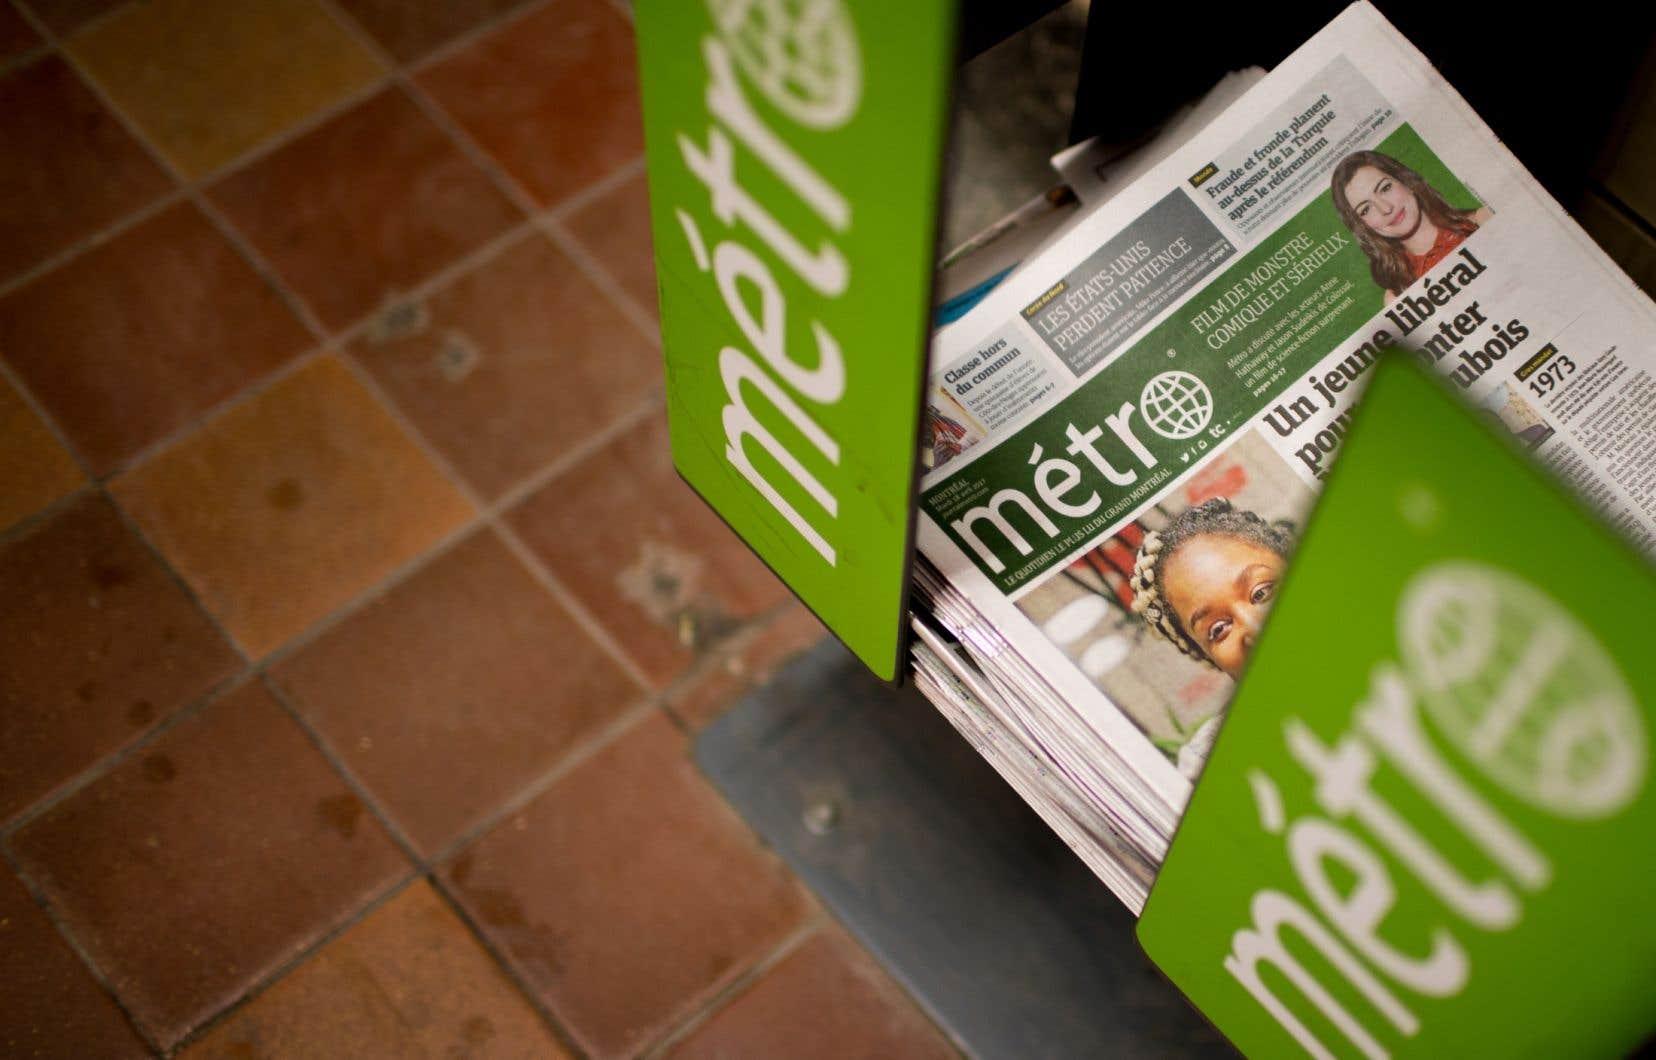 La transaction porte sur 21 journaux hebdomadaires de la région de Montréal, le quotidien gratuit «Métro» de Montréal et 8 publications de la région de Québec.